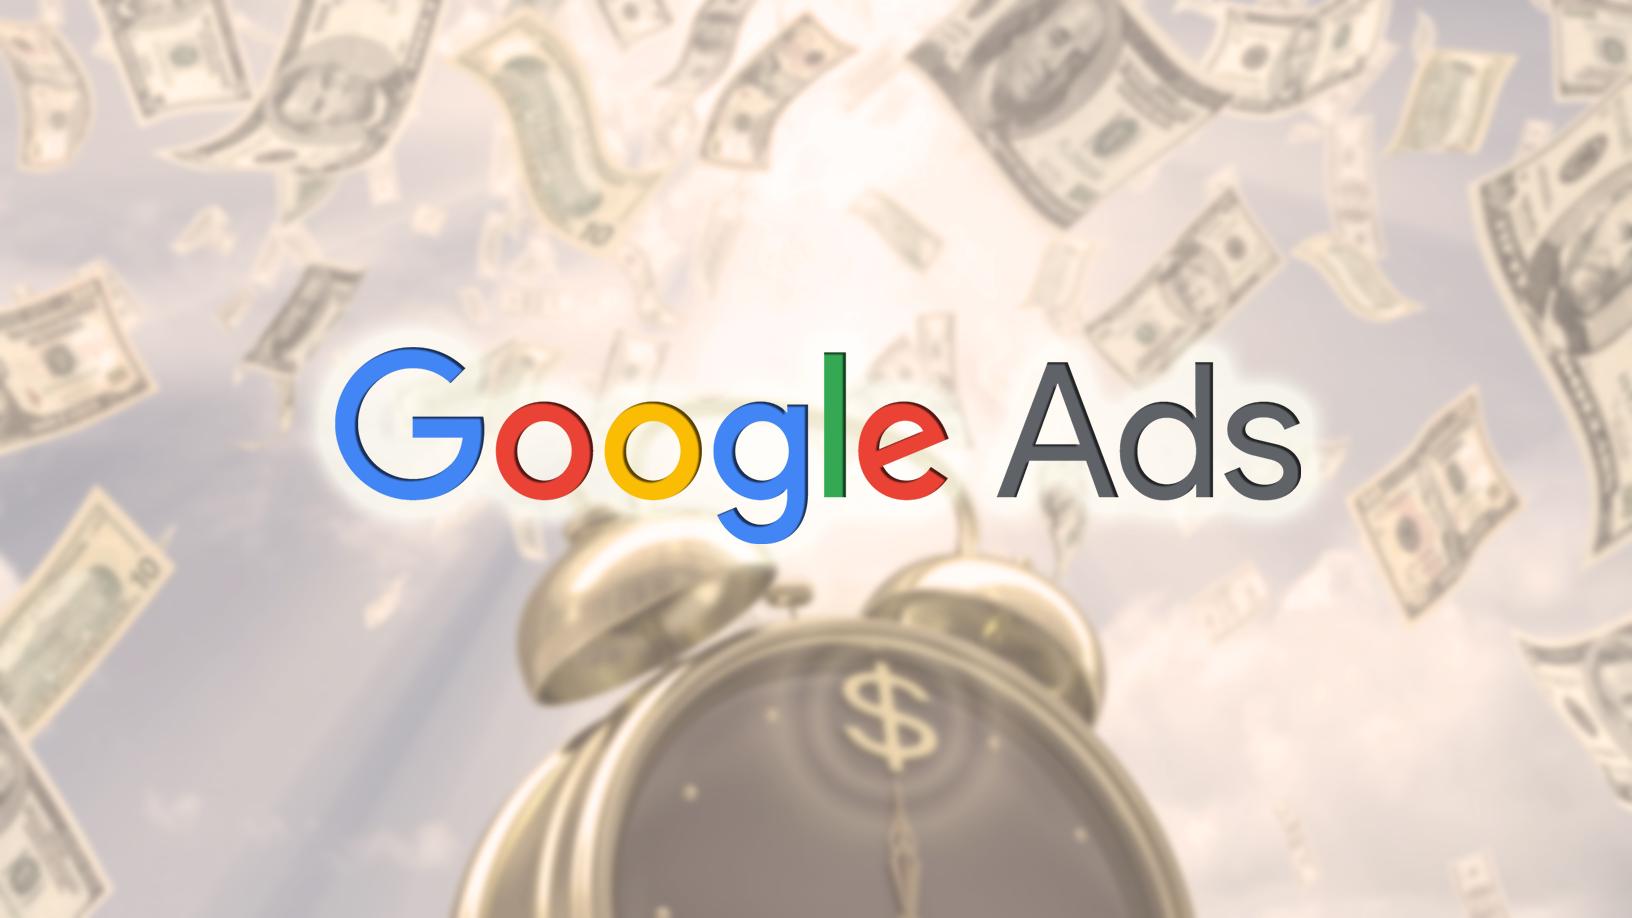 How to Make Money Through Google PPC Ads